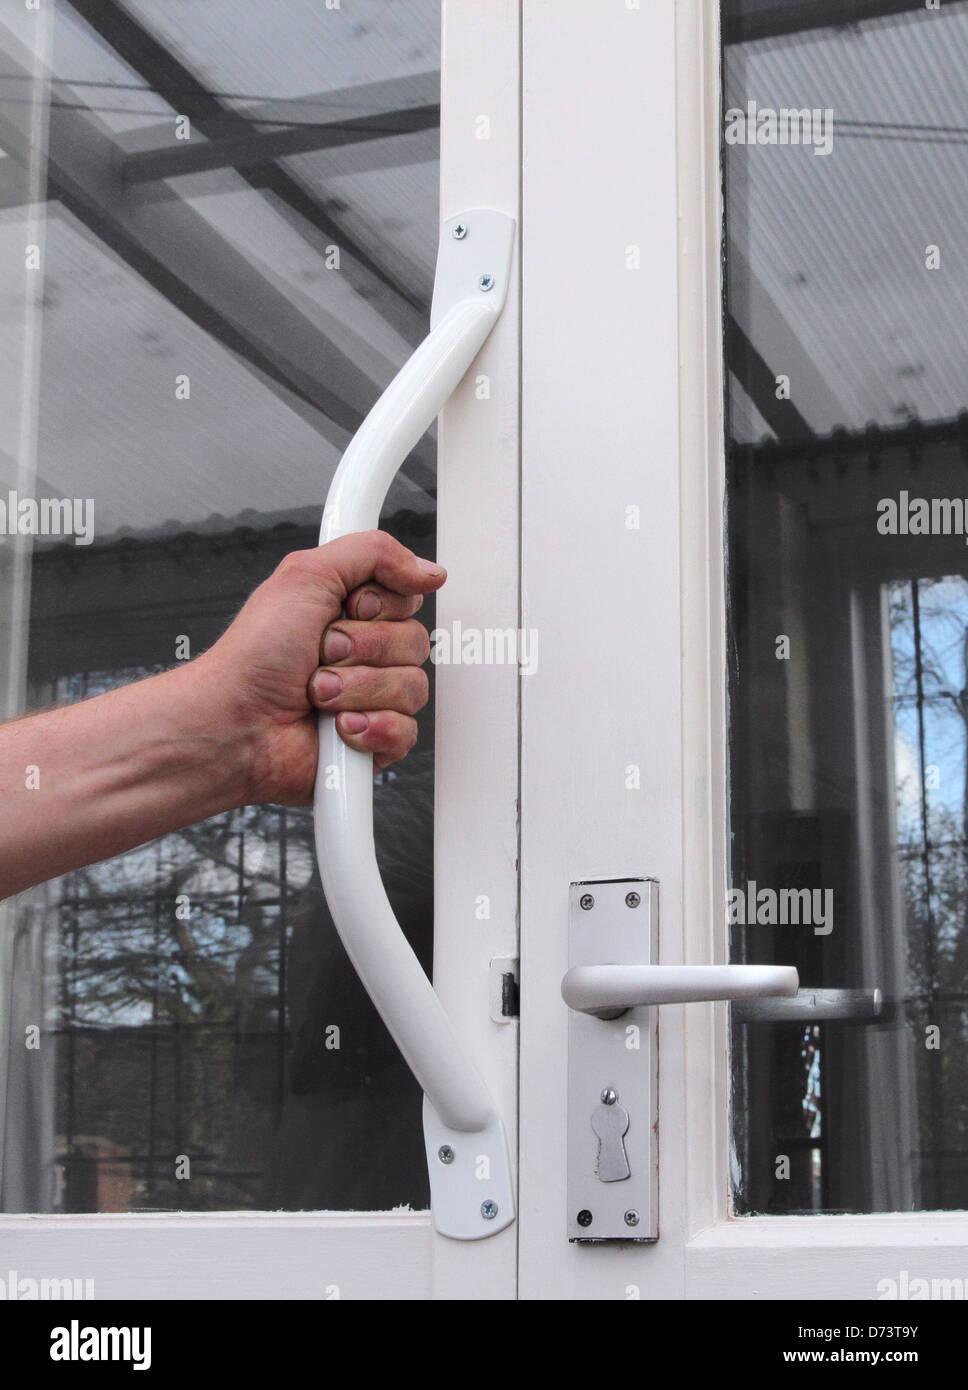 La main de l'homme en saisissant une poignée de l'invalidité, une forme de handicap vivant dans Photo Stock